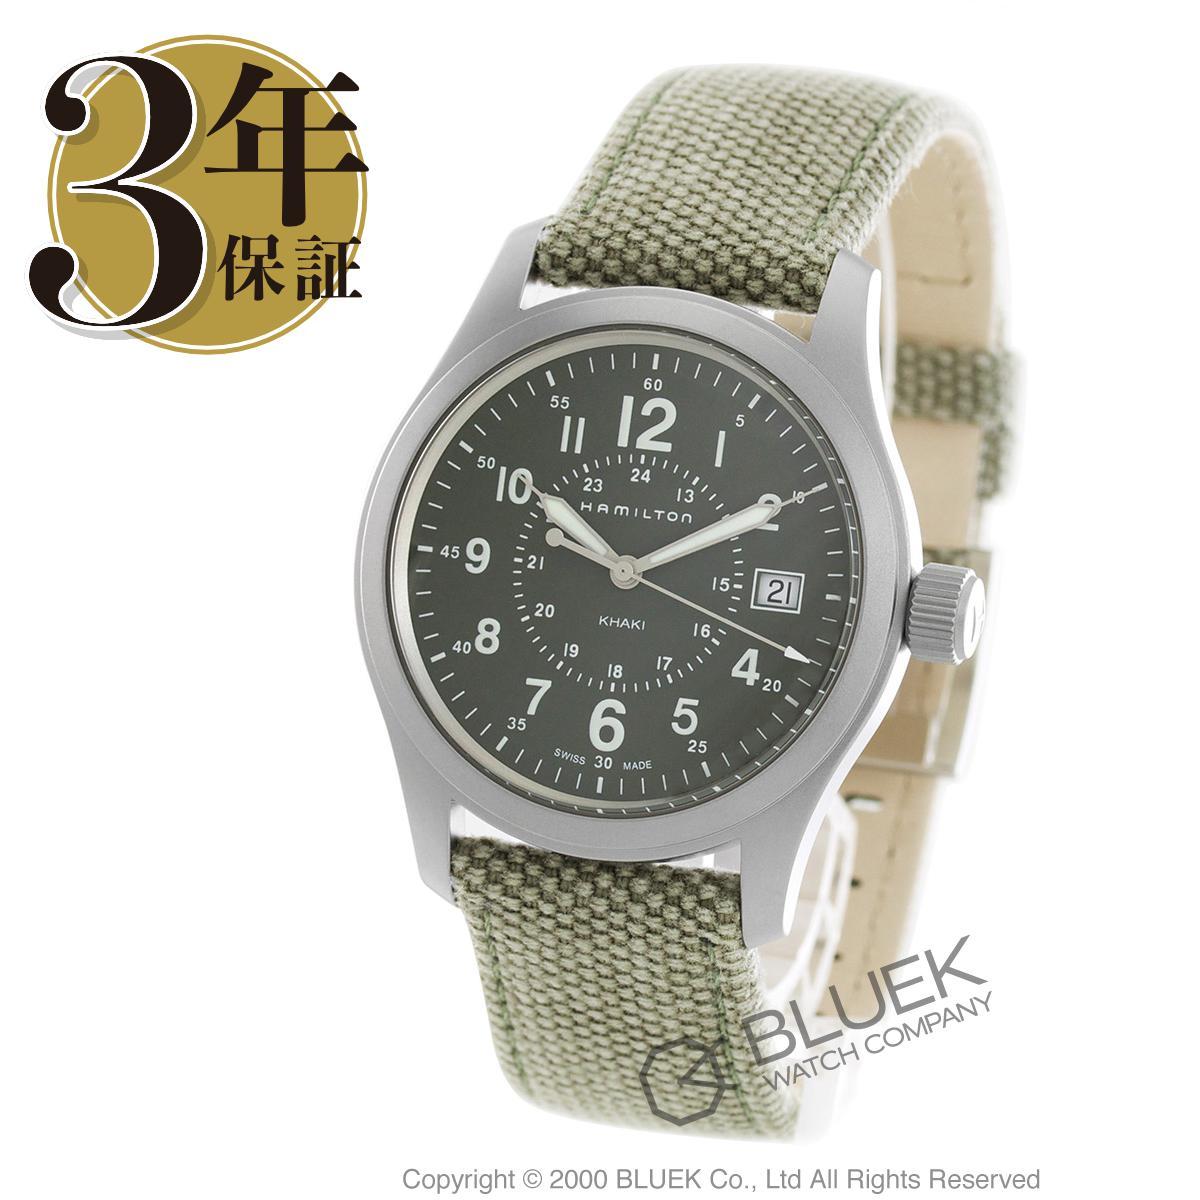 ハミルトン カーキ フィールド キャンパスレザー 腕時計 メンズ HAMILTON H68201963_8